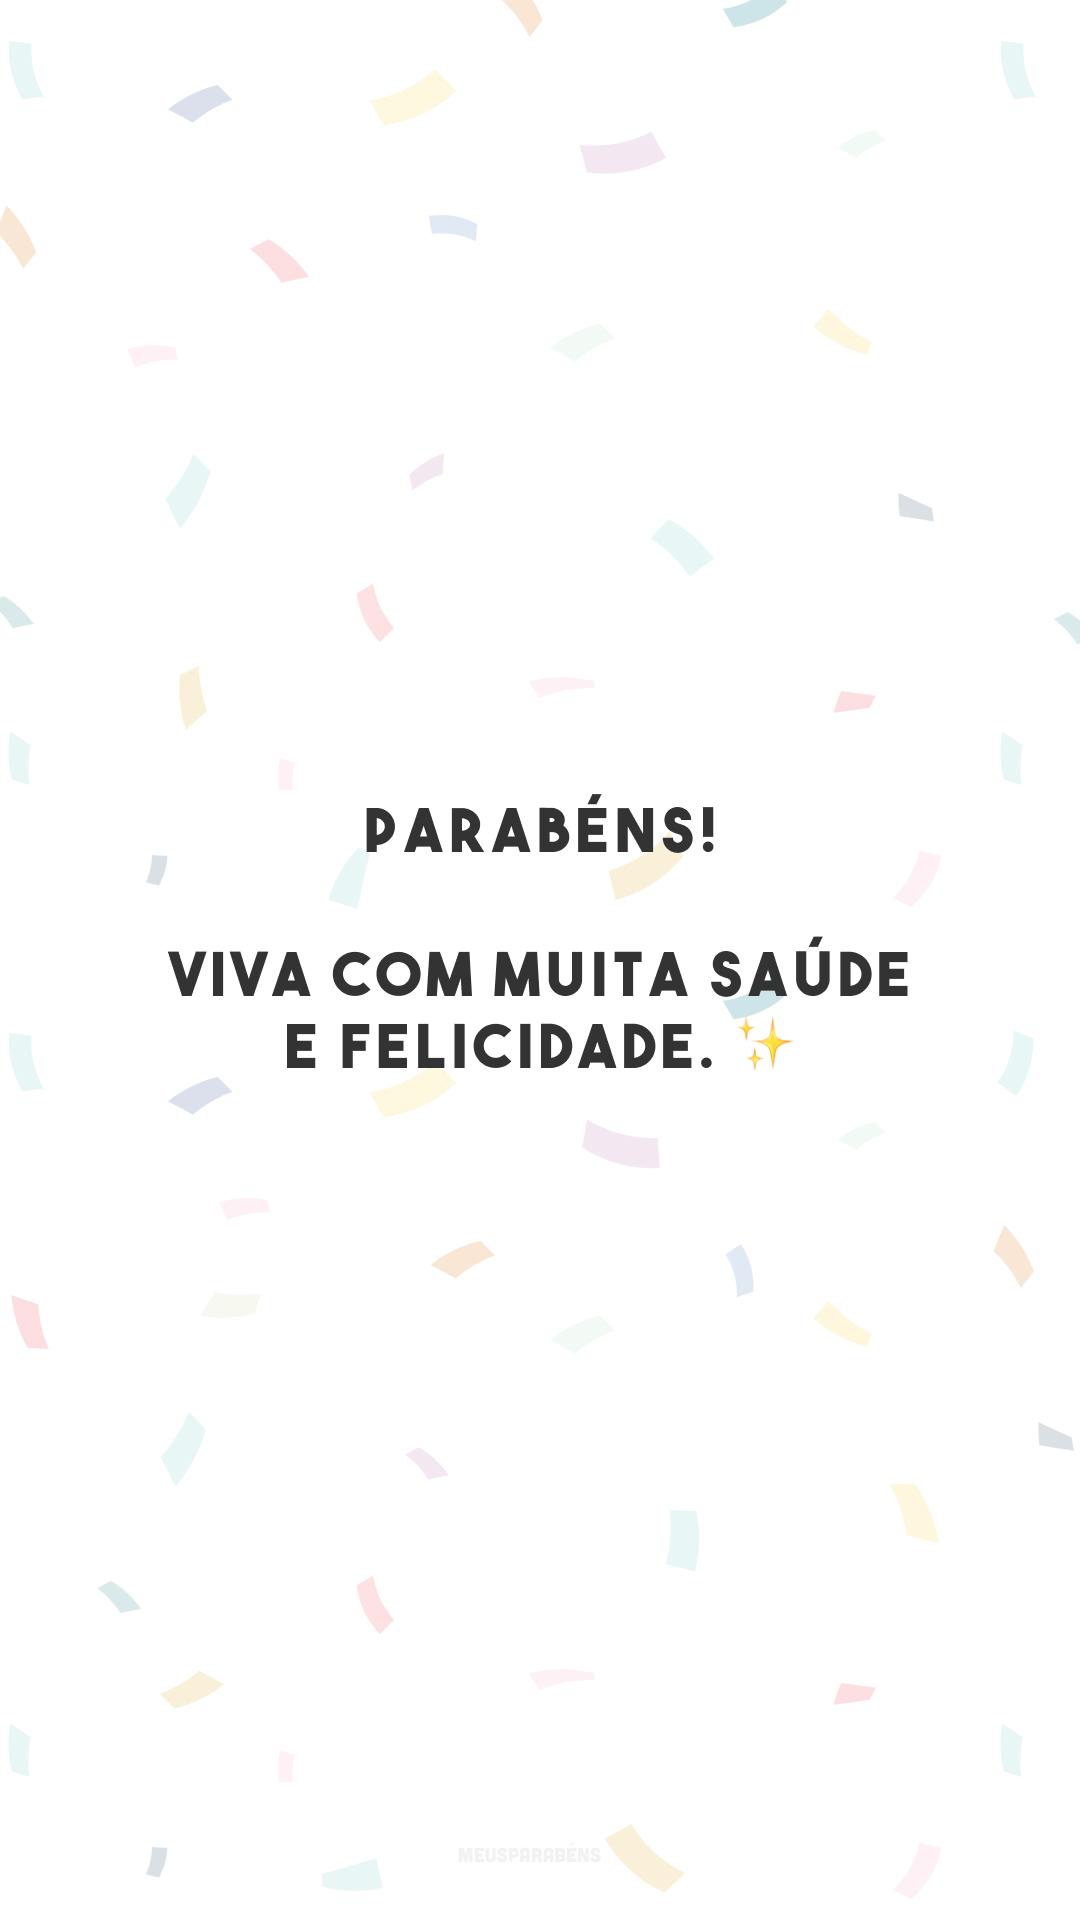 Parabéns! Viva com muita saúde e felicidade. ✨